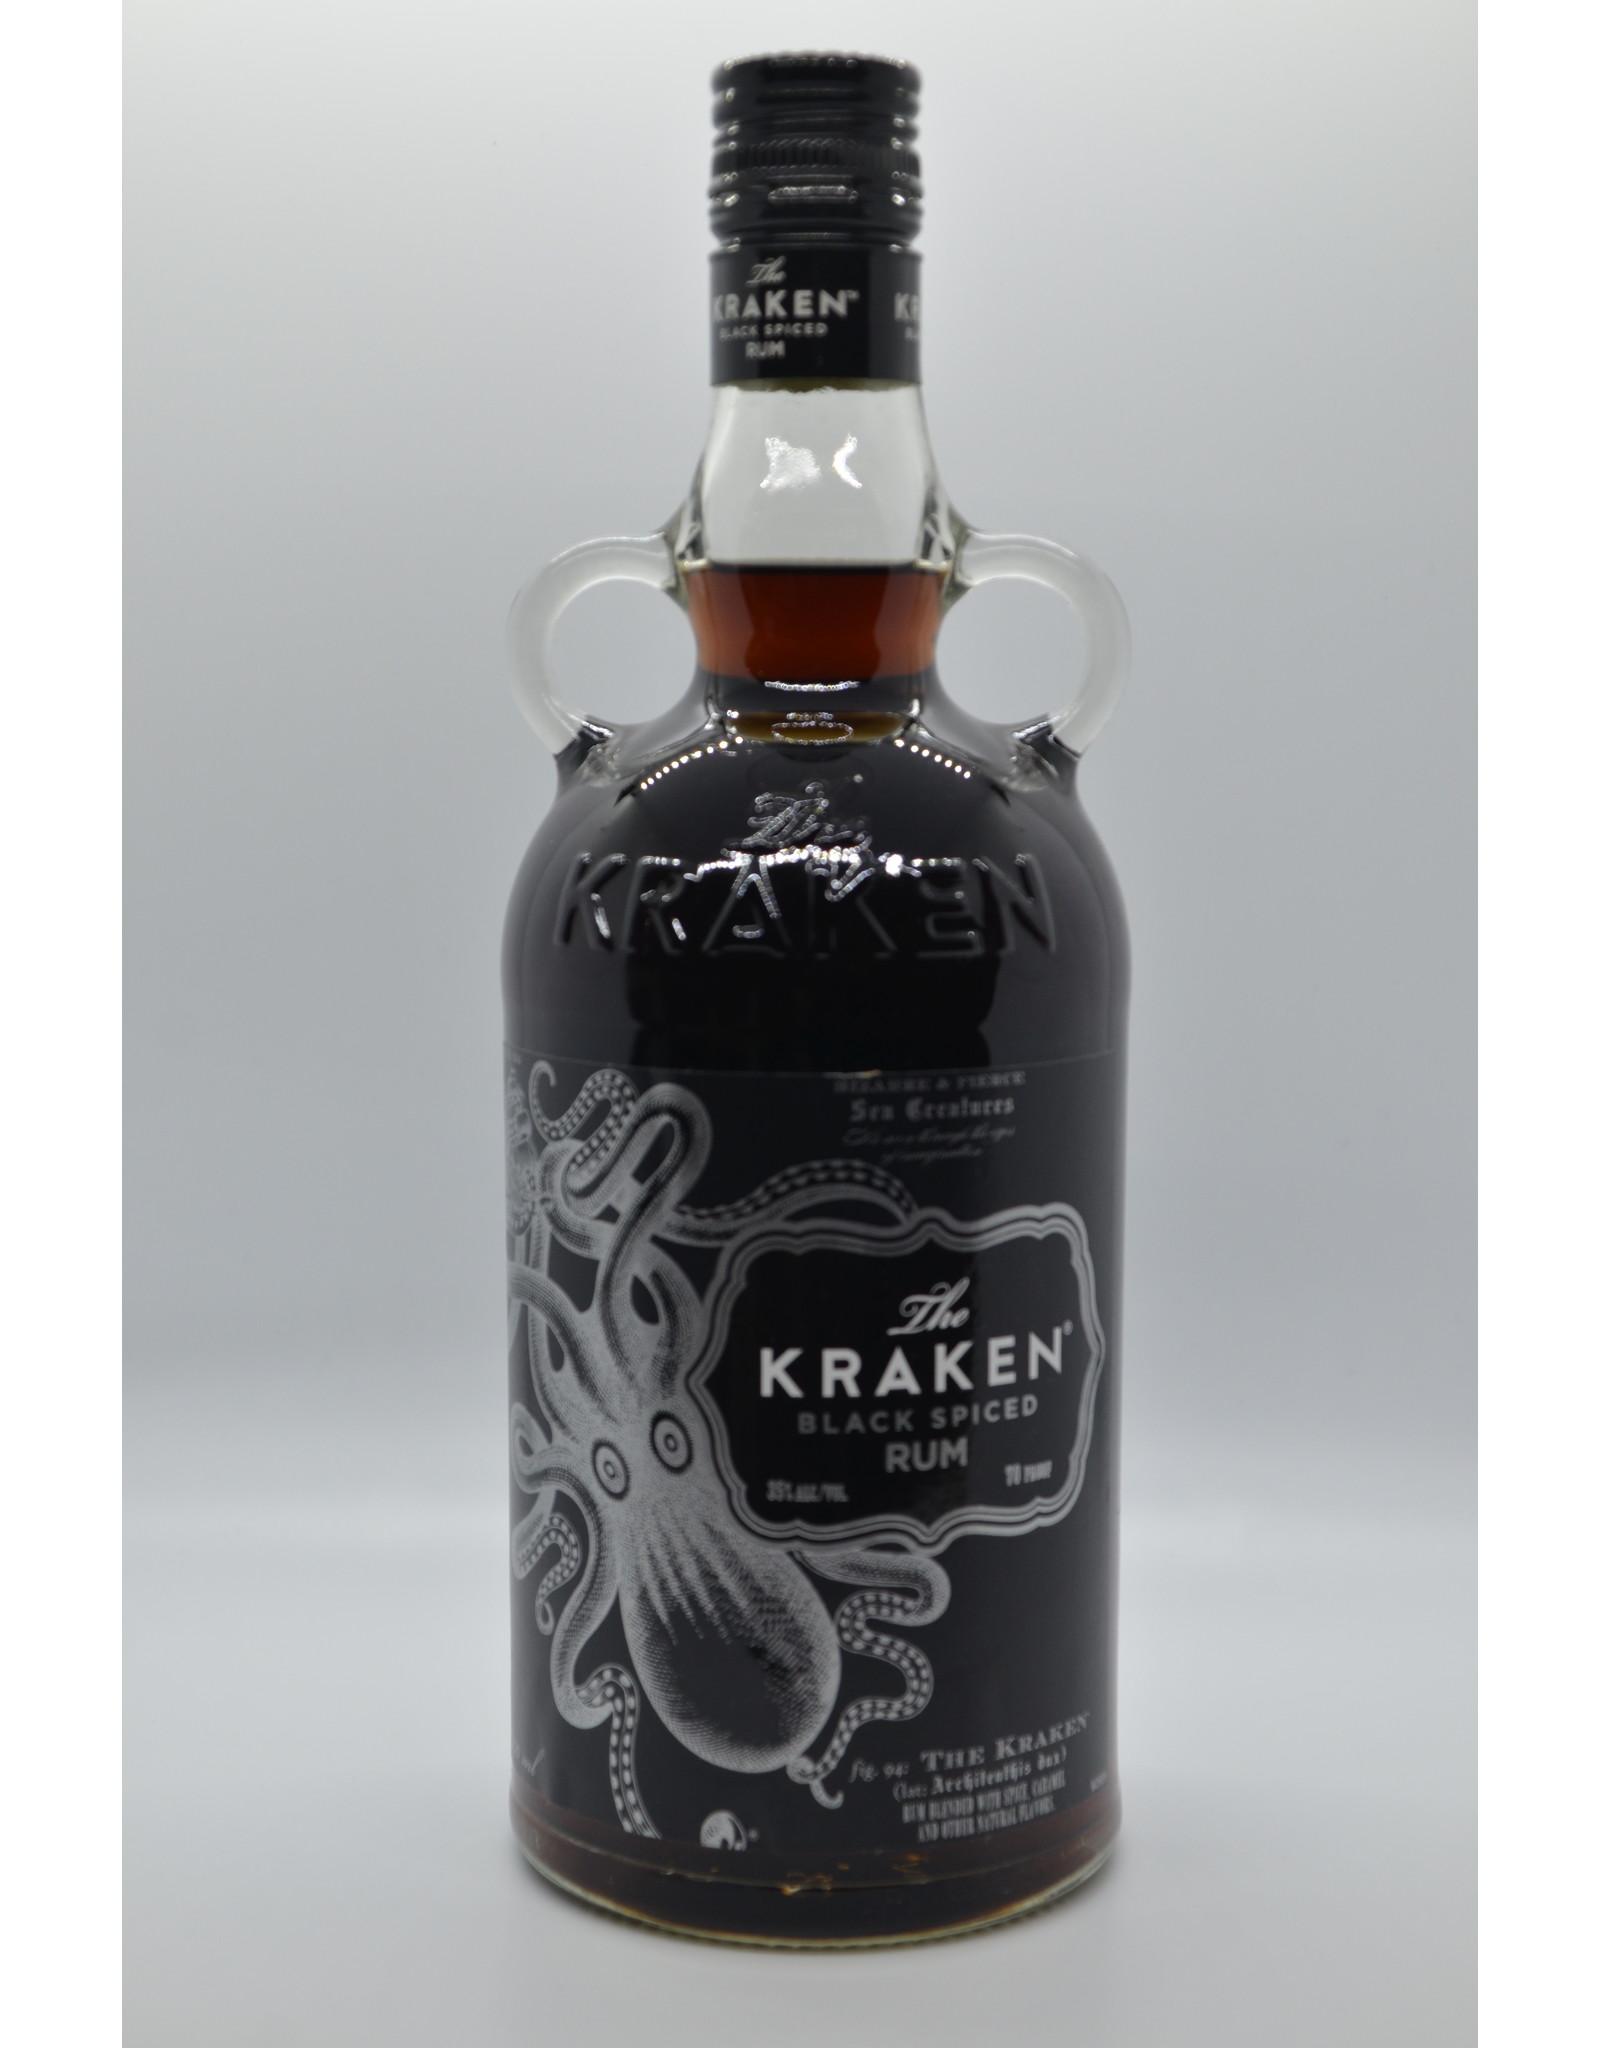 Trinidad Kraken Spiced Rum 750ml